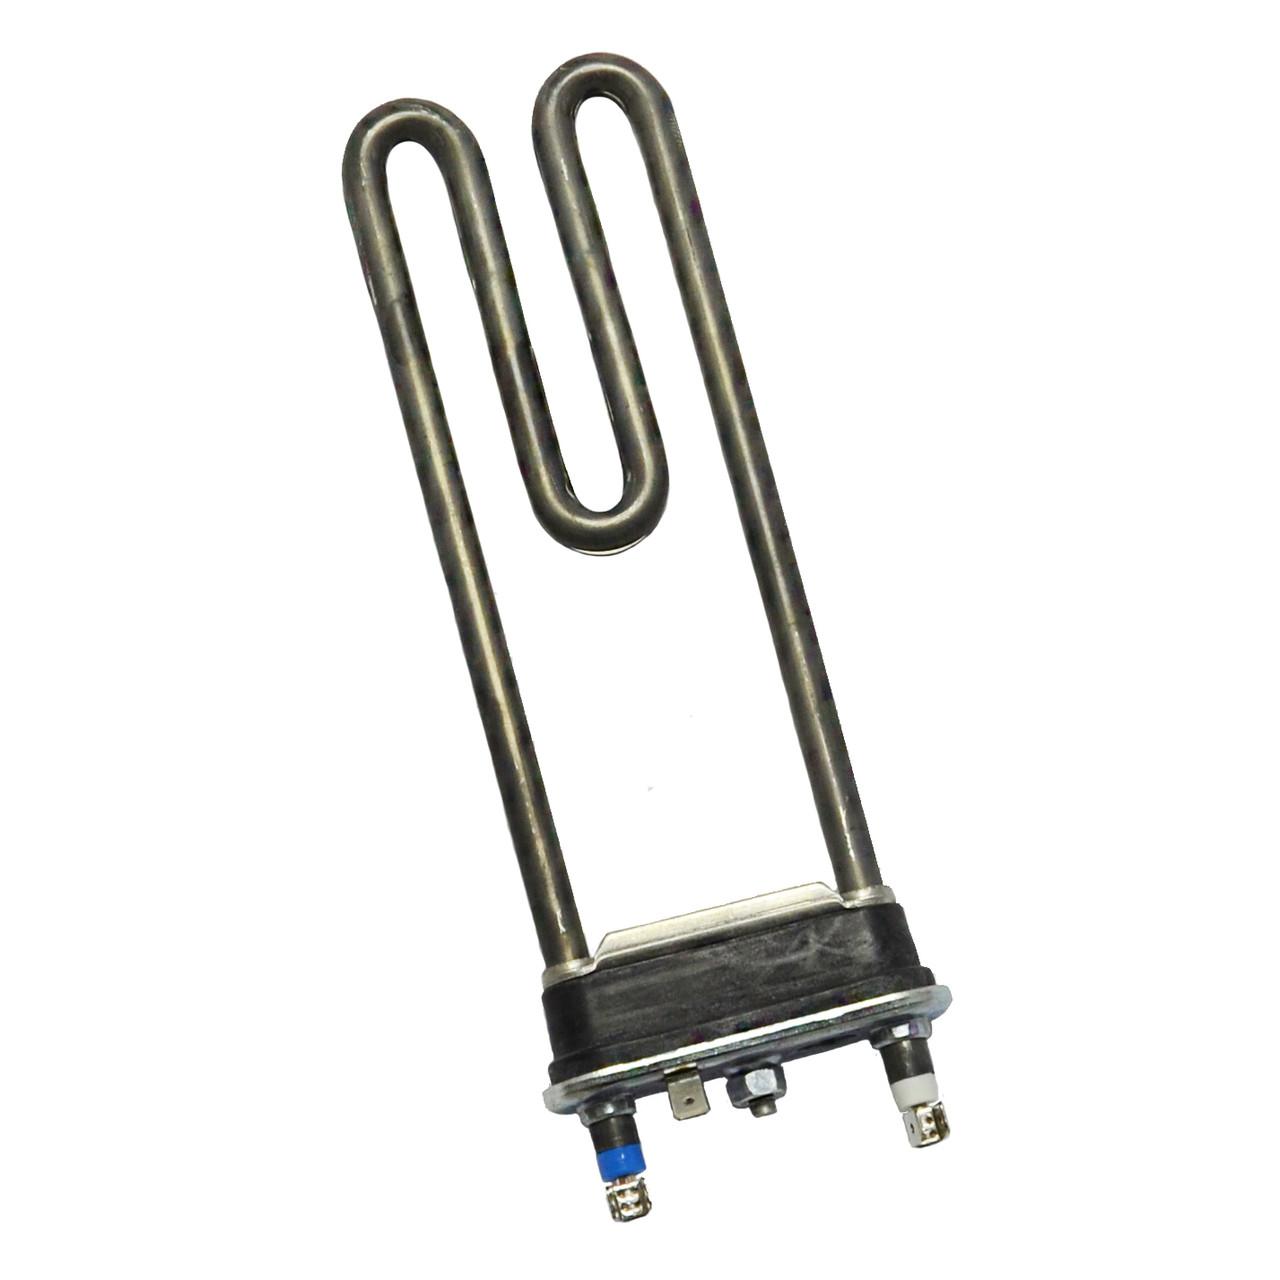 Тэн 1850-2000W для стиральной машины Bosch, Siemens   265961